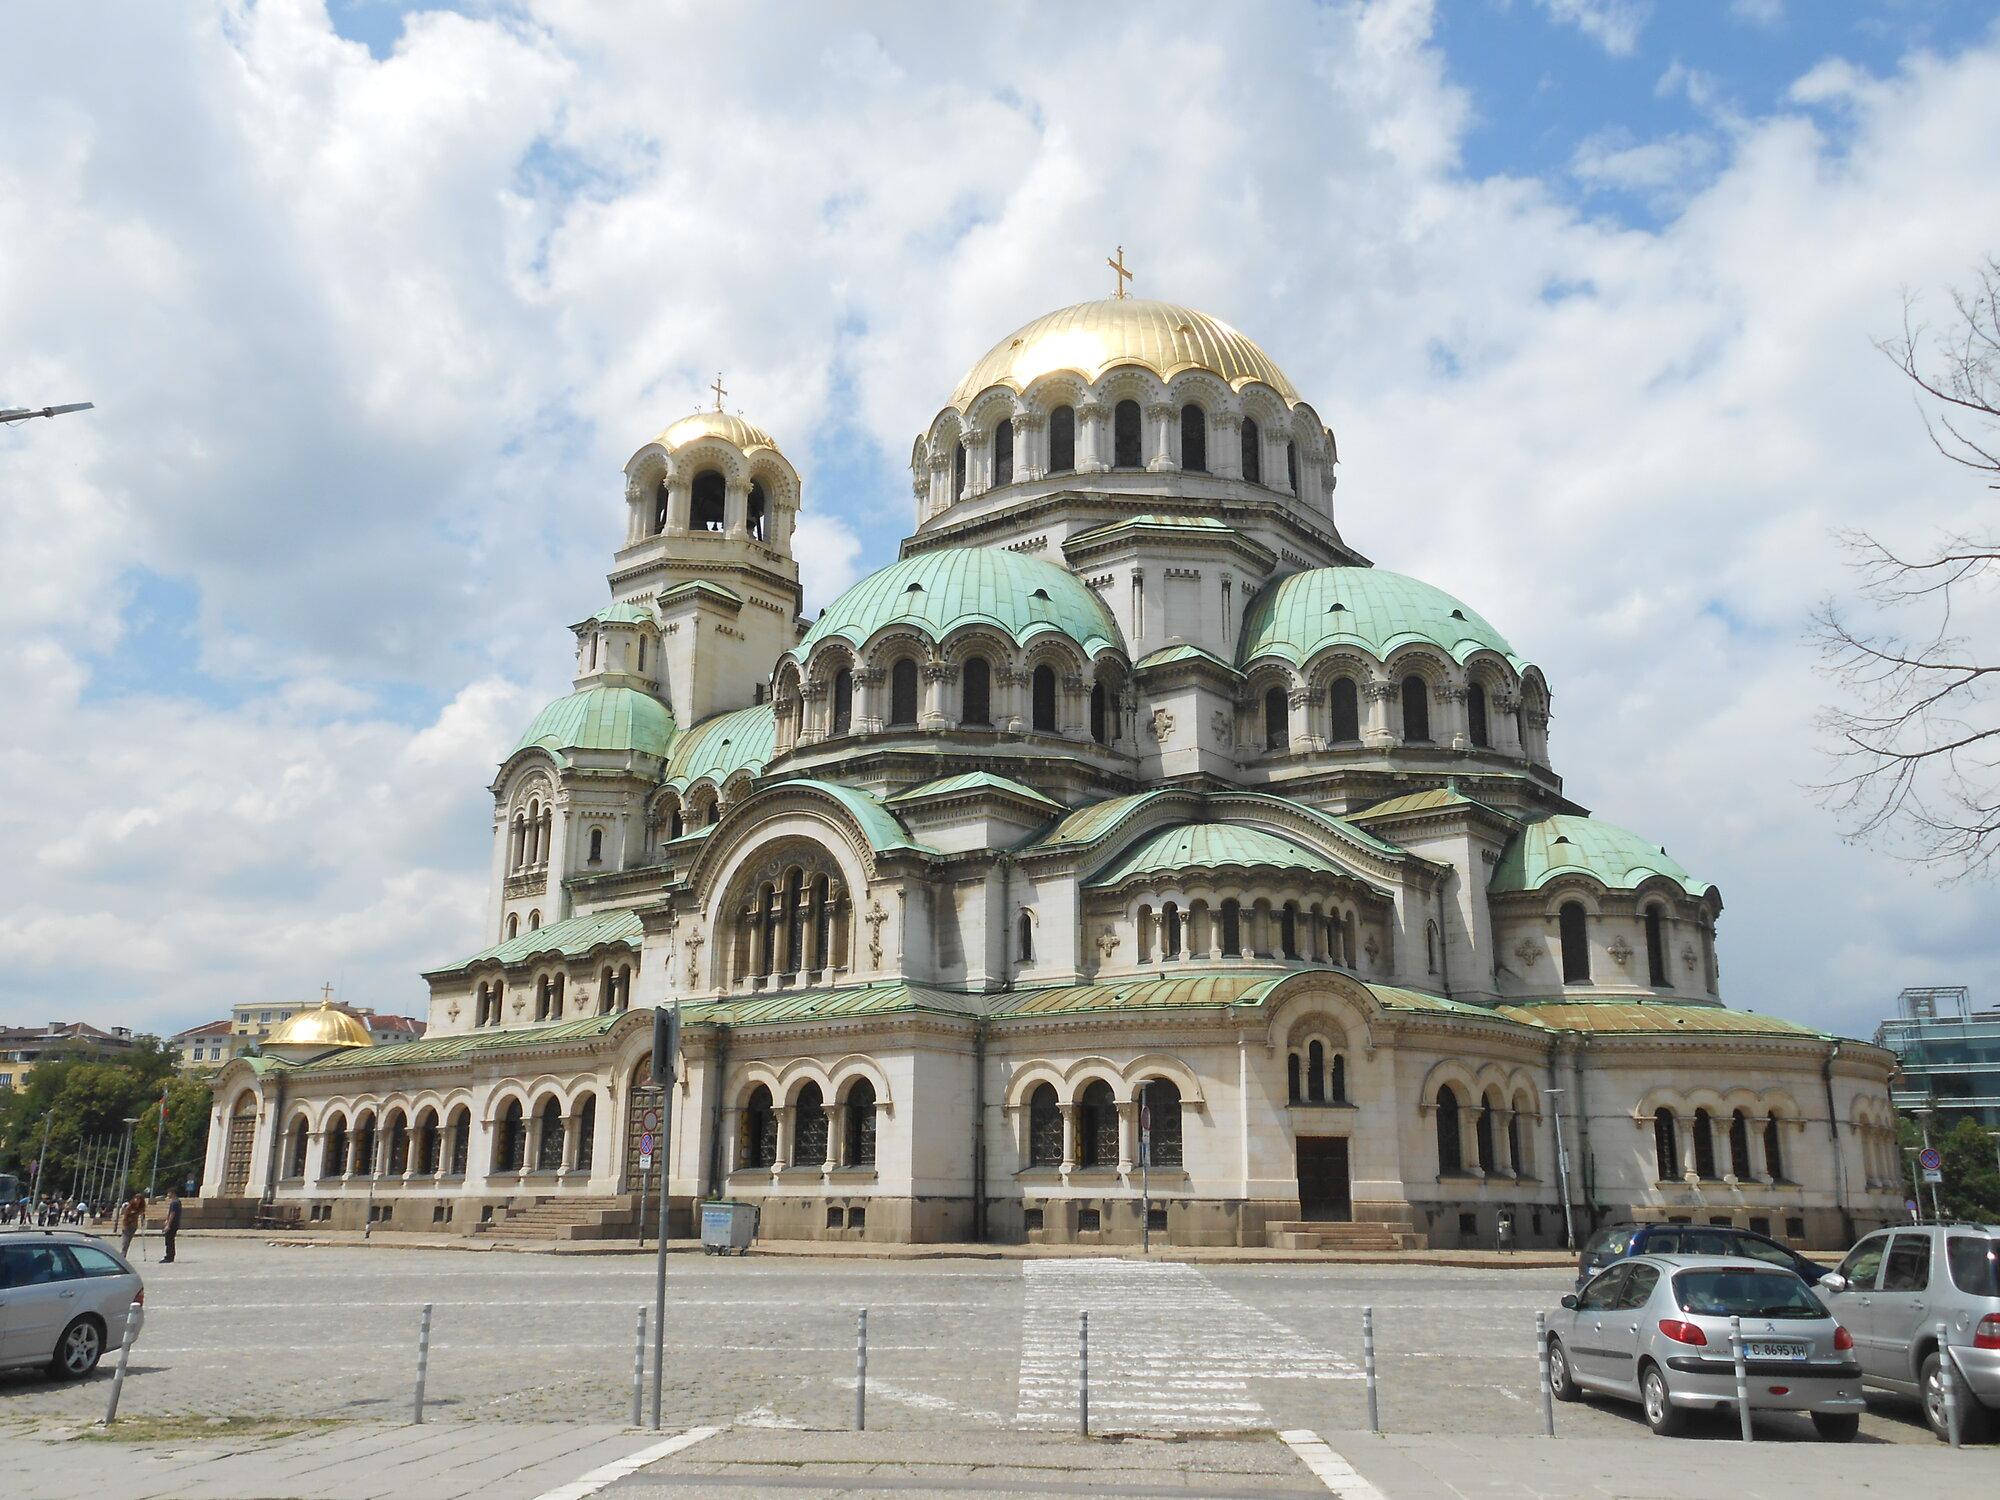 katedrála Alexandra Něvského slouží jako hlavní svatyně patriarchy bulharské pravoslavné církve